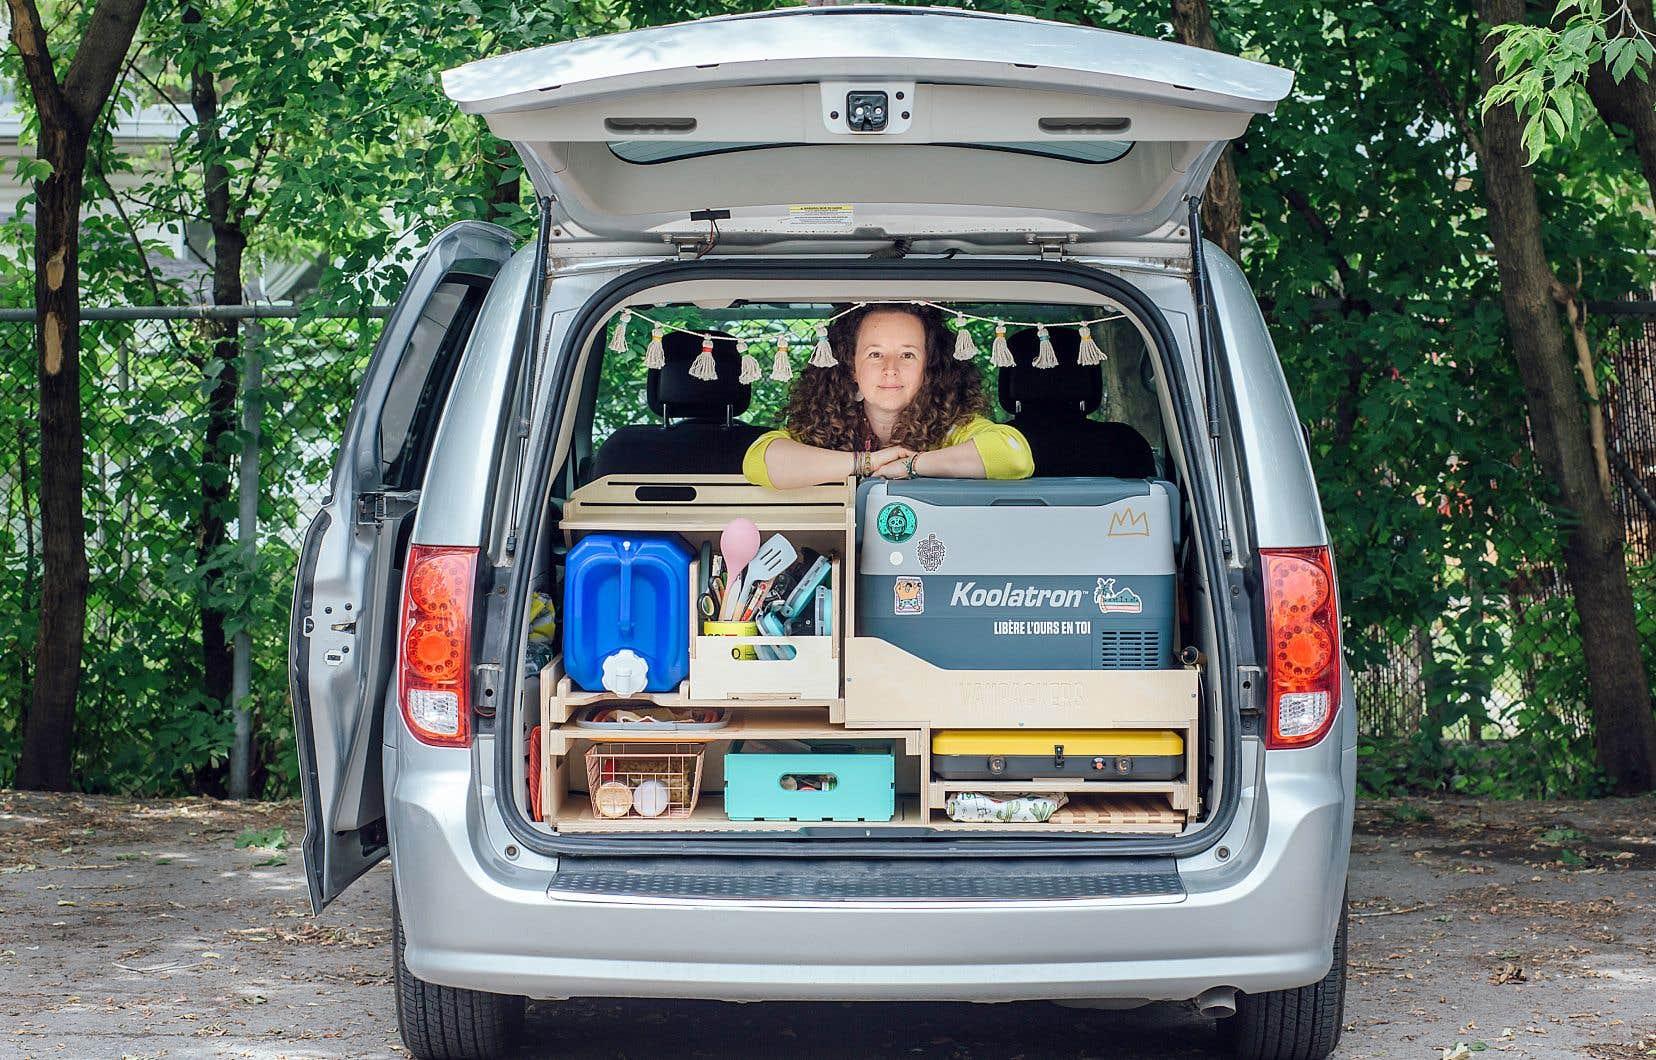 L'entreprise Le Baroudeur a elle aussi connu un bond de popularité, qui l'a poussée à augmenter sa flotte à 20 véhicules et à fabriquer des kits d'aménagements pour les personnes ayant une minifourgonnette.